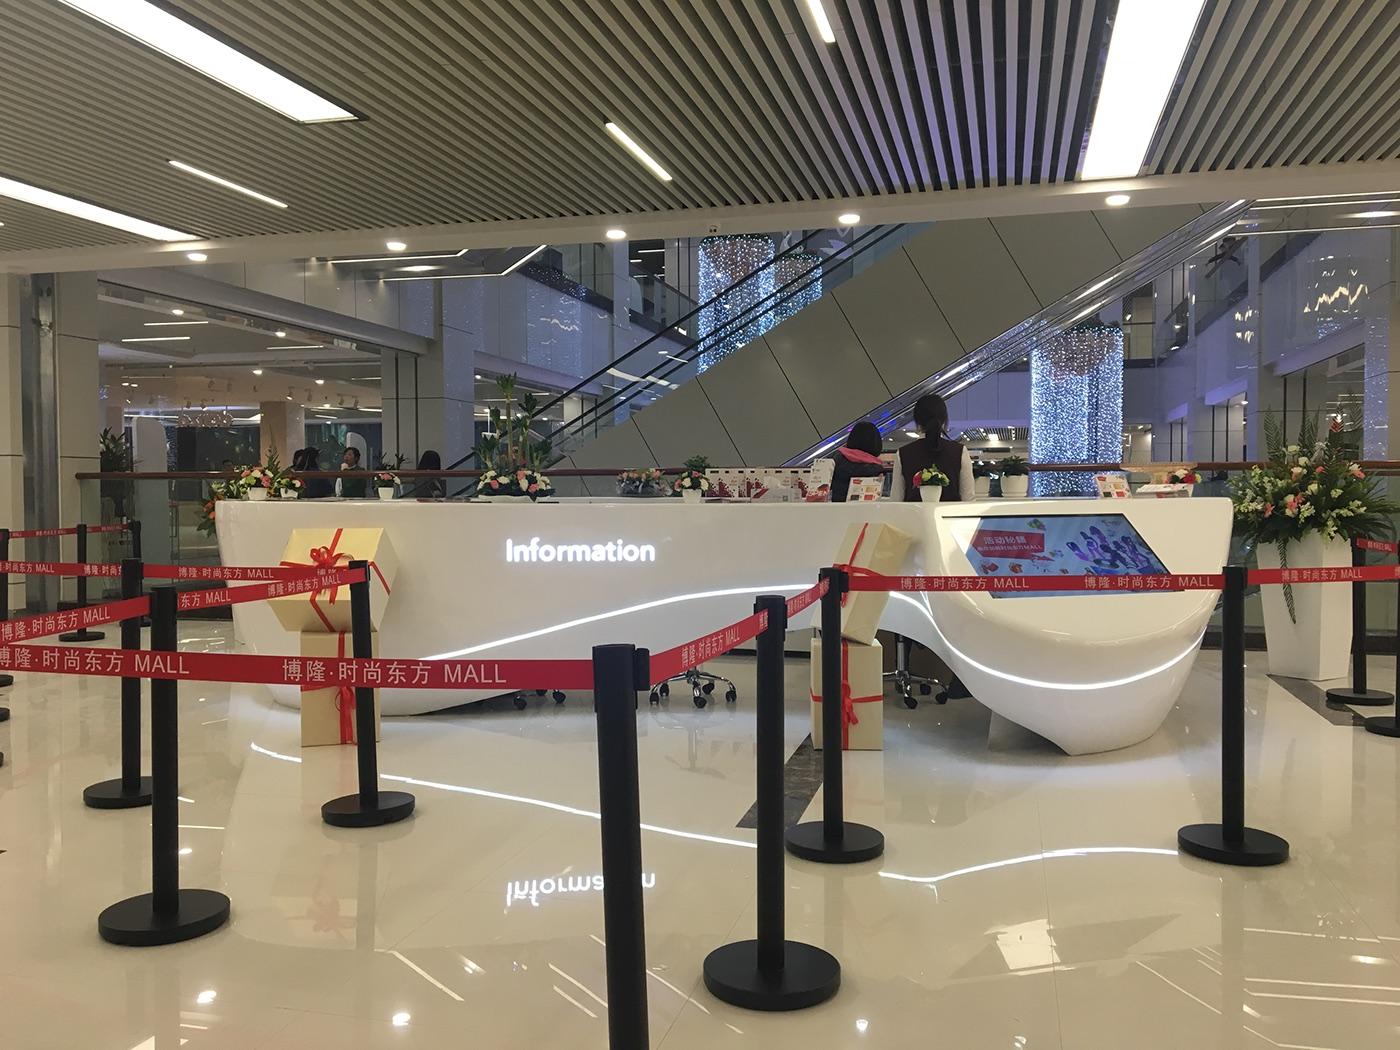 博隆广场•时尚购物中心导视系统设计 © 随喜设计